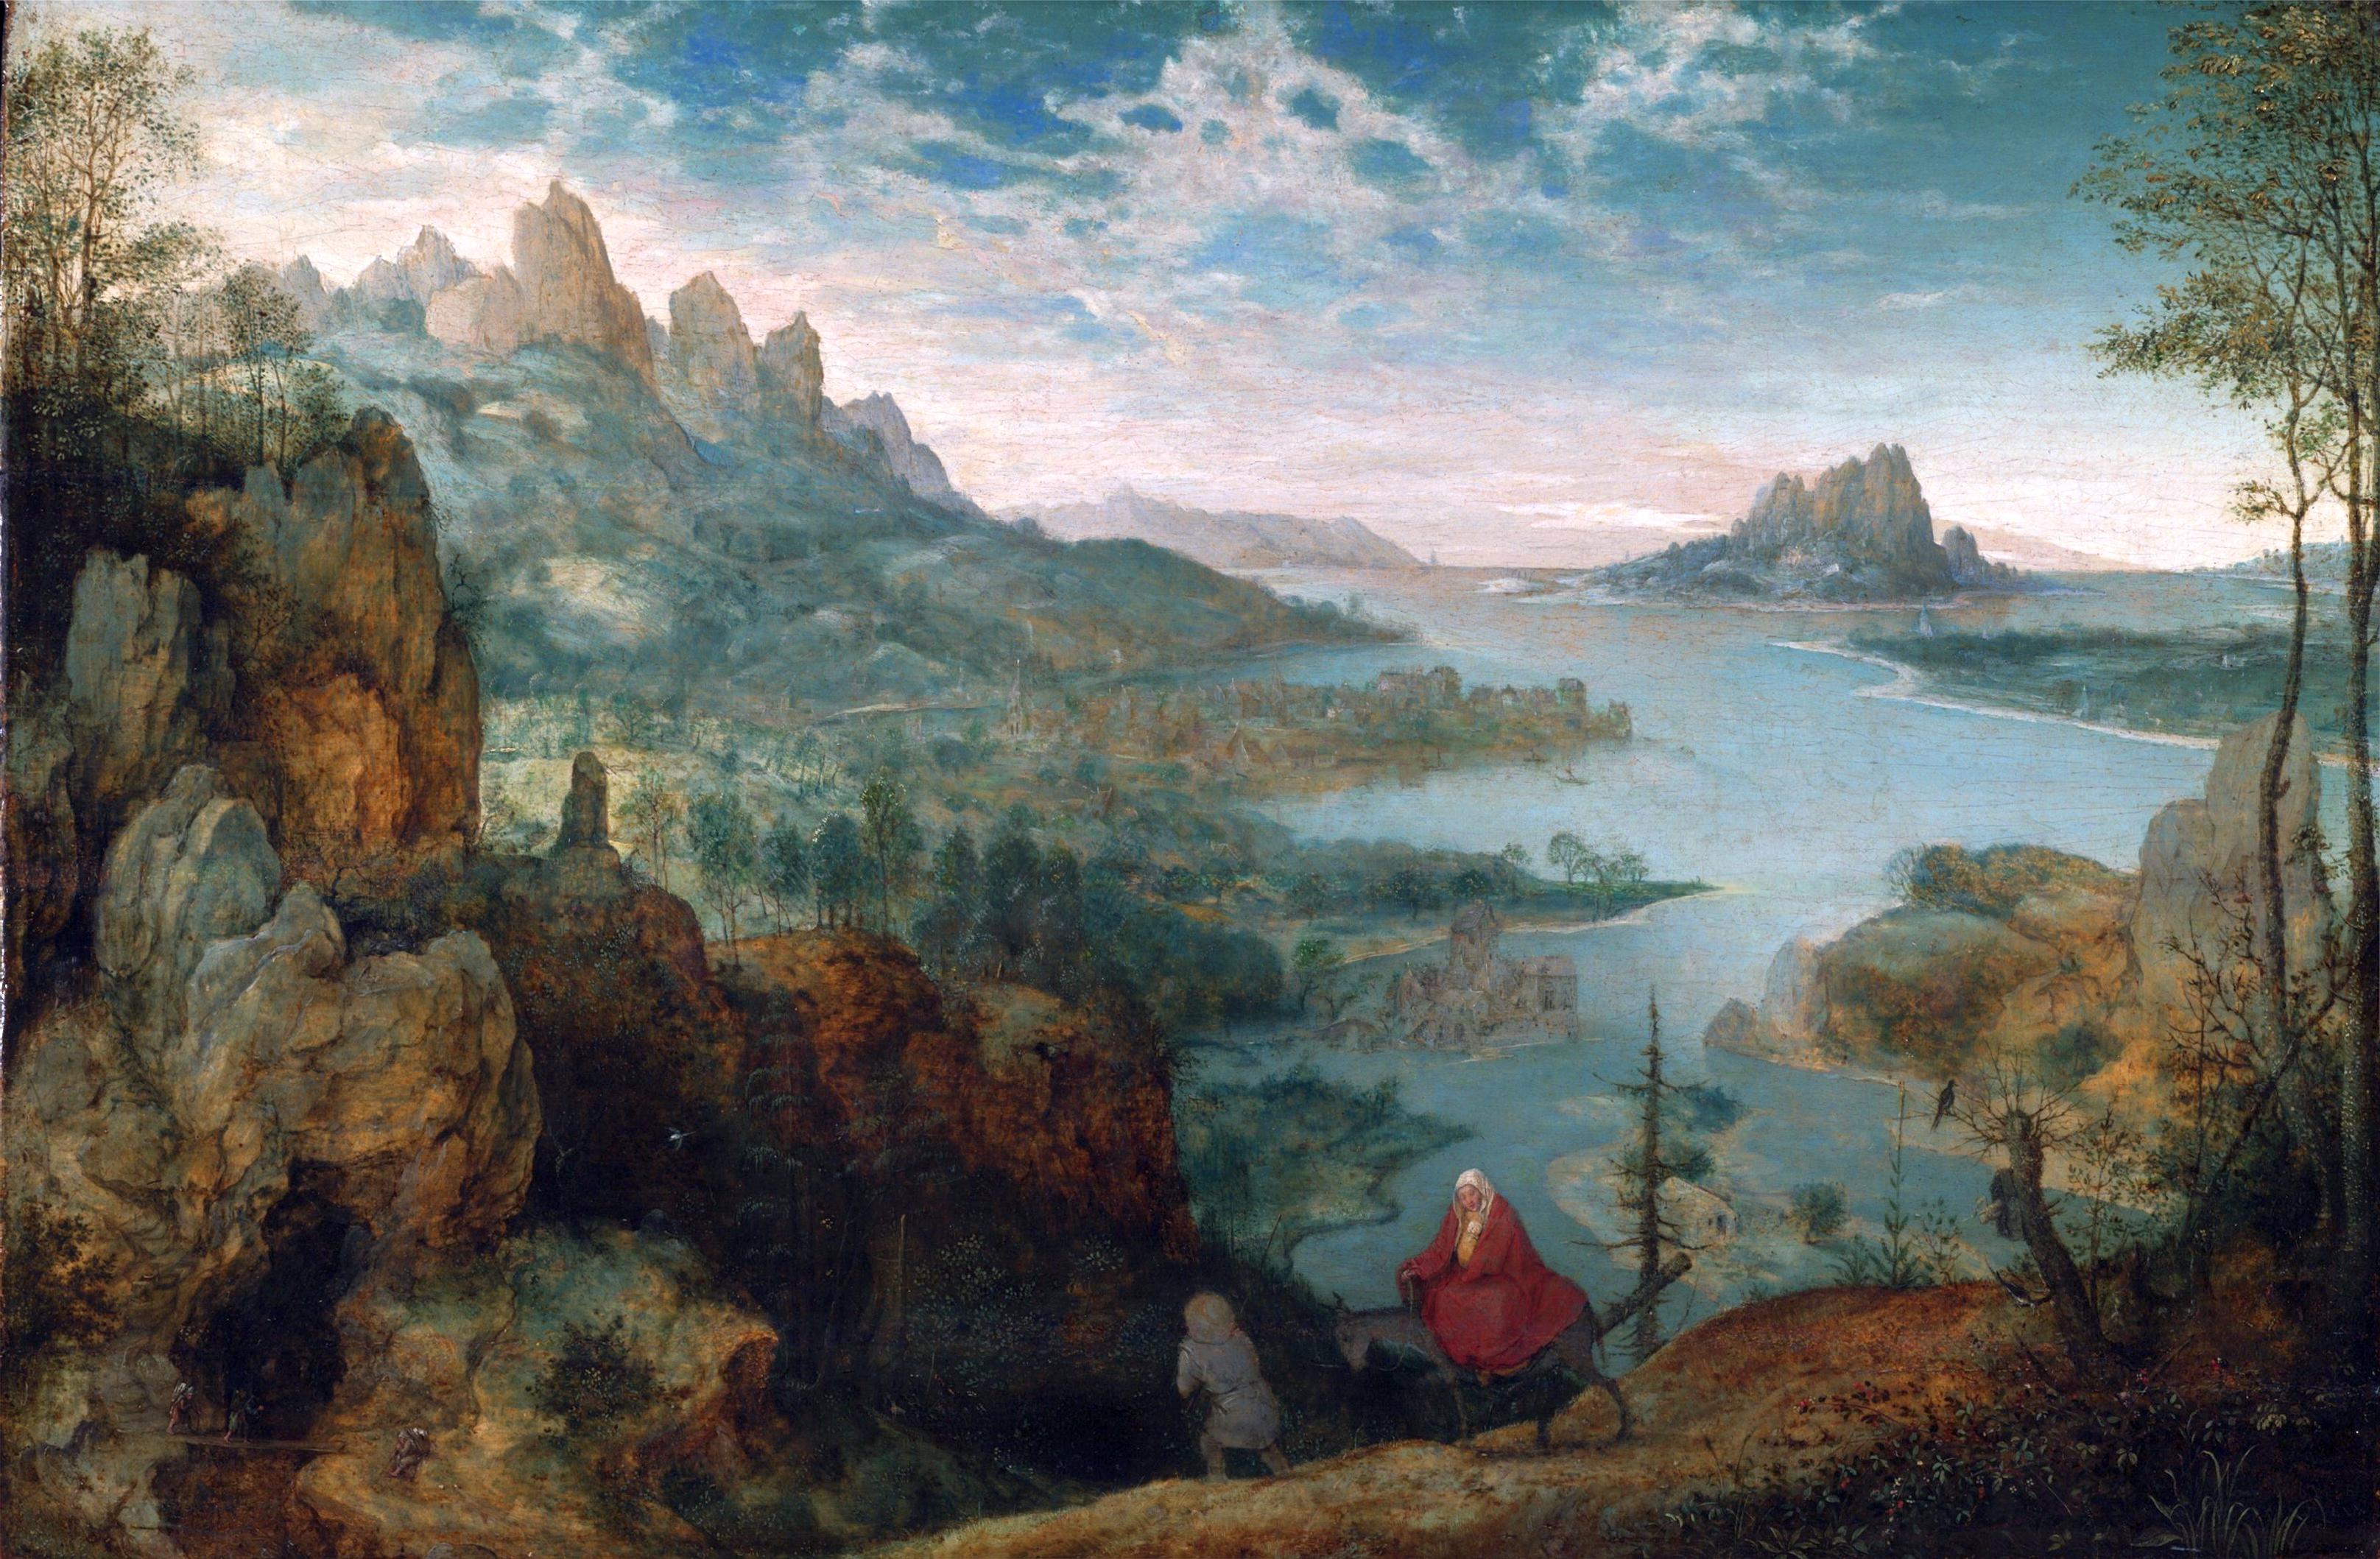 Landschaftsmalerei renaissance  Landschaft mit der Flucht nach Ägypten - Wikiwand